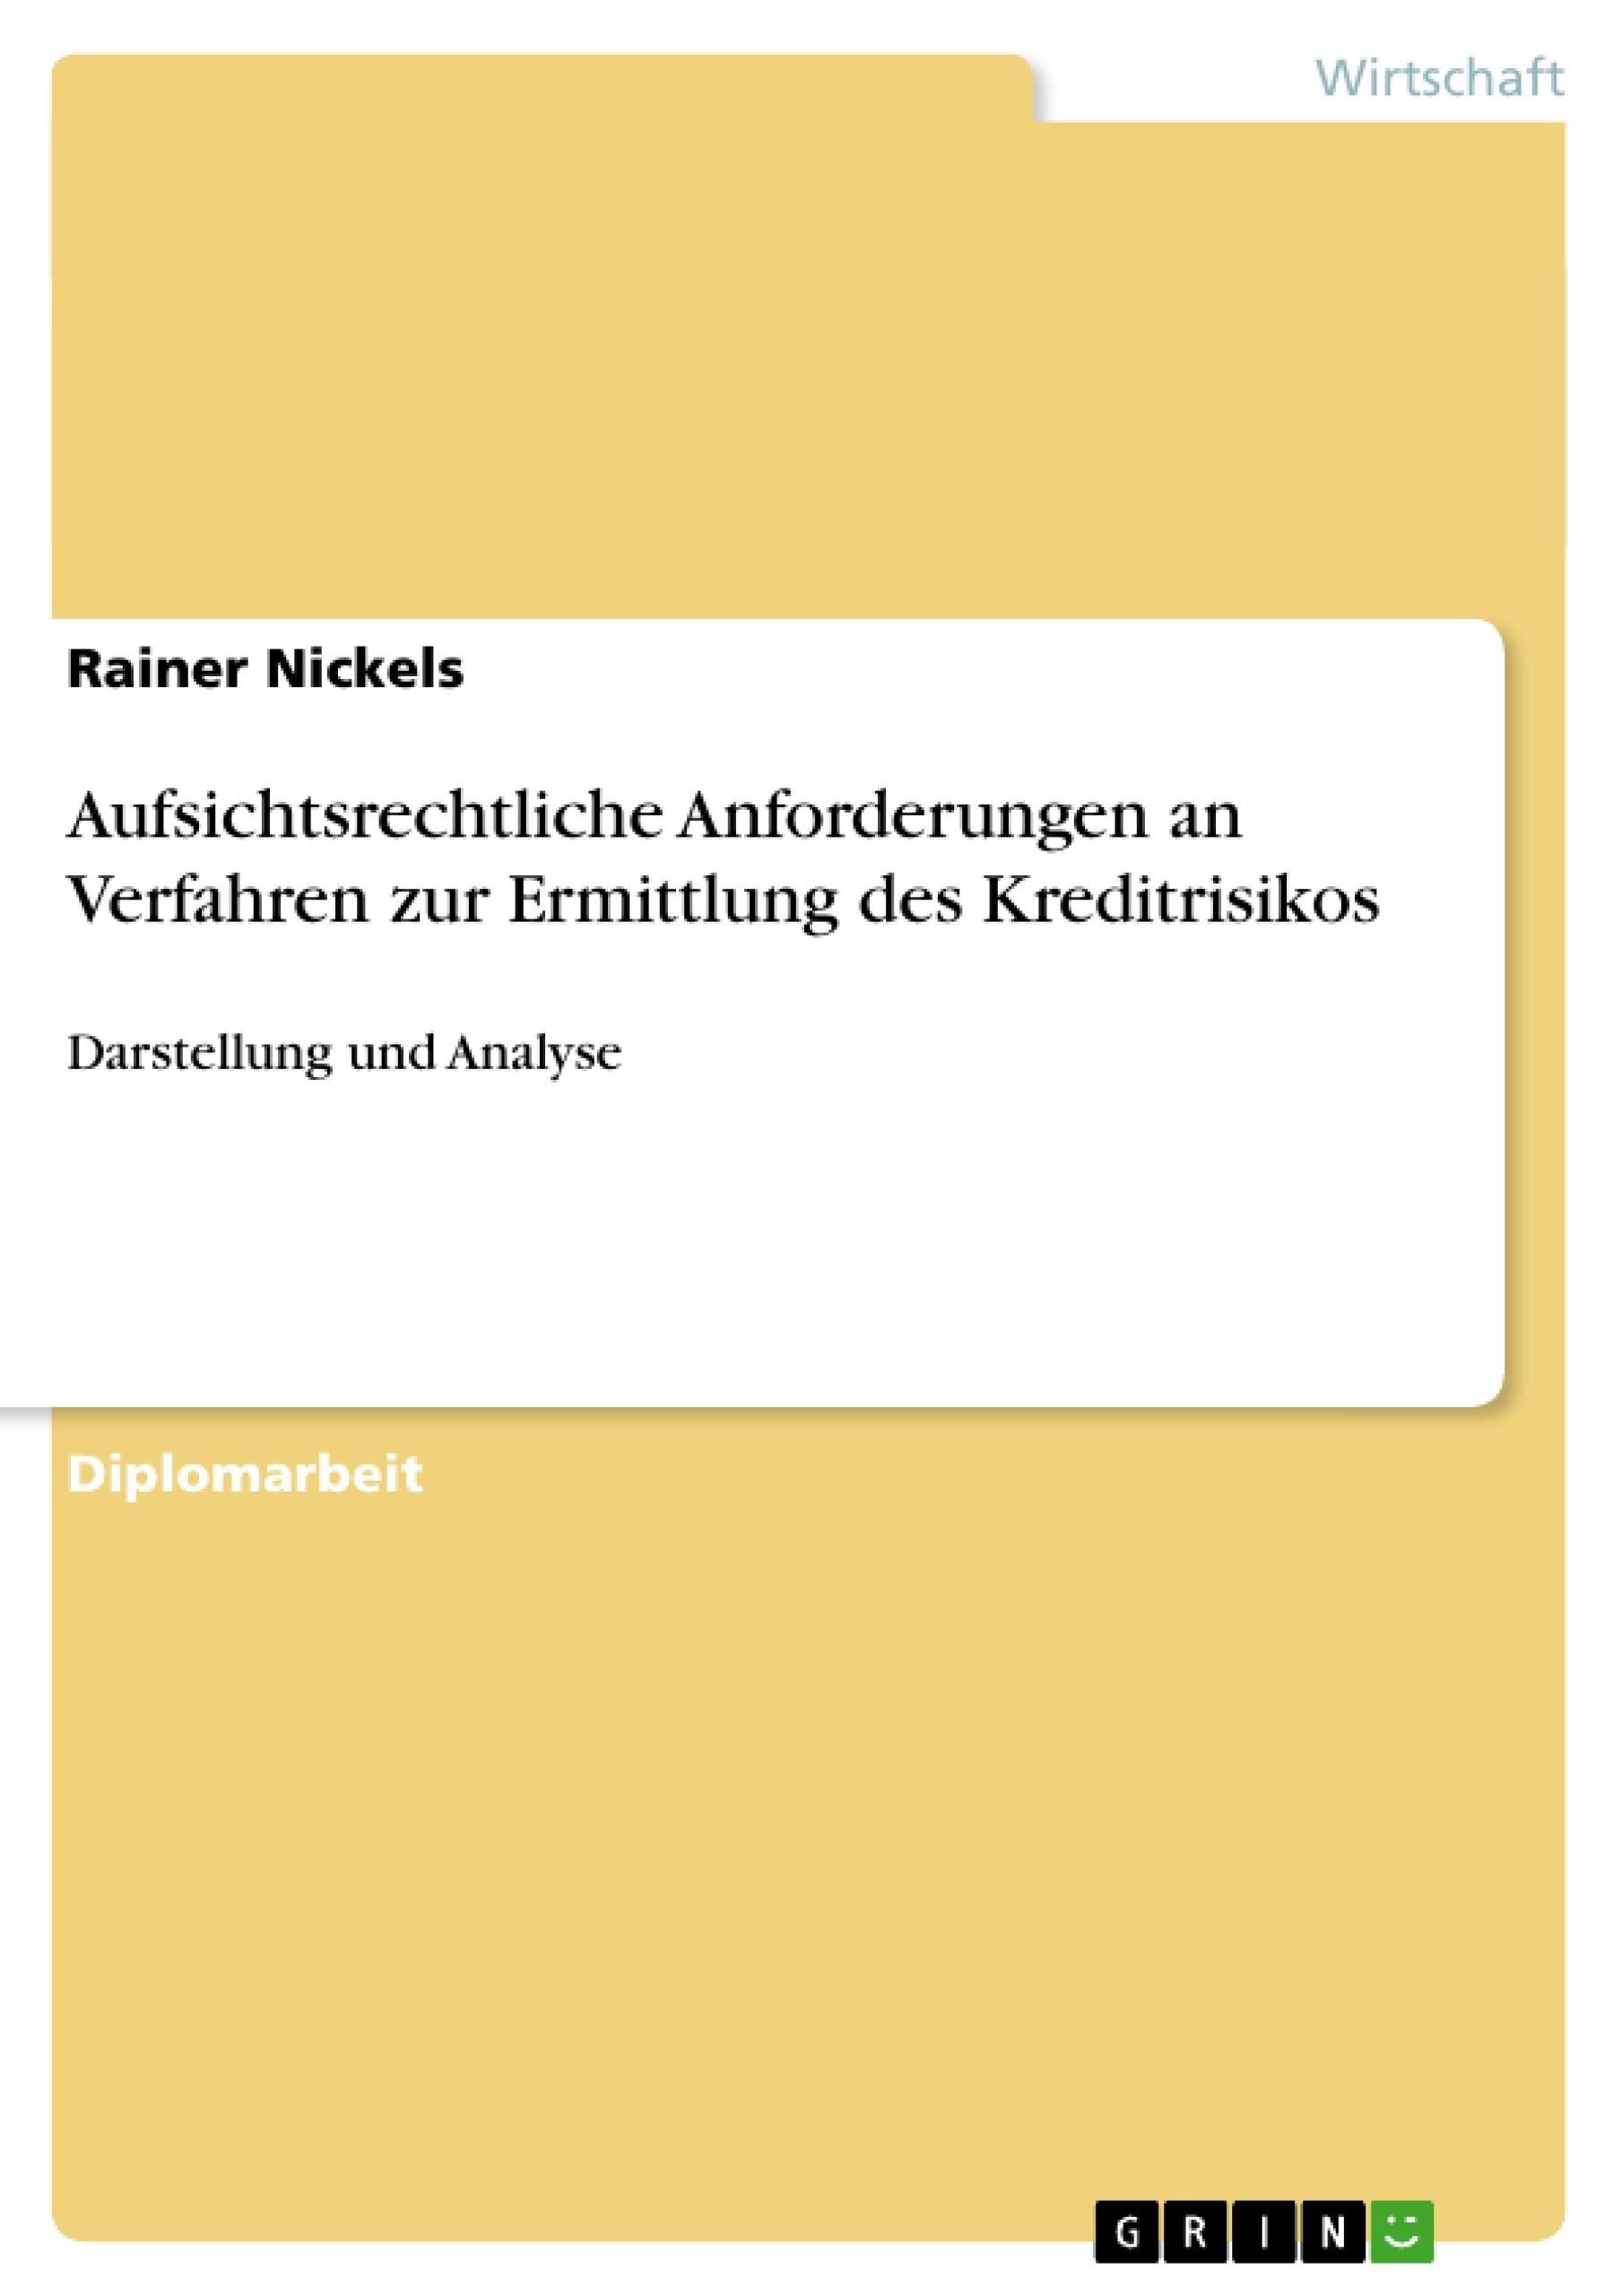 Titel: Aufsichtsrechtliche Anforderungen an Verfahren zur Ermittlung des Kreditrisikos